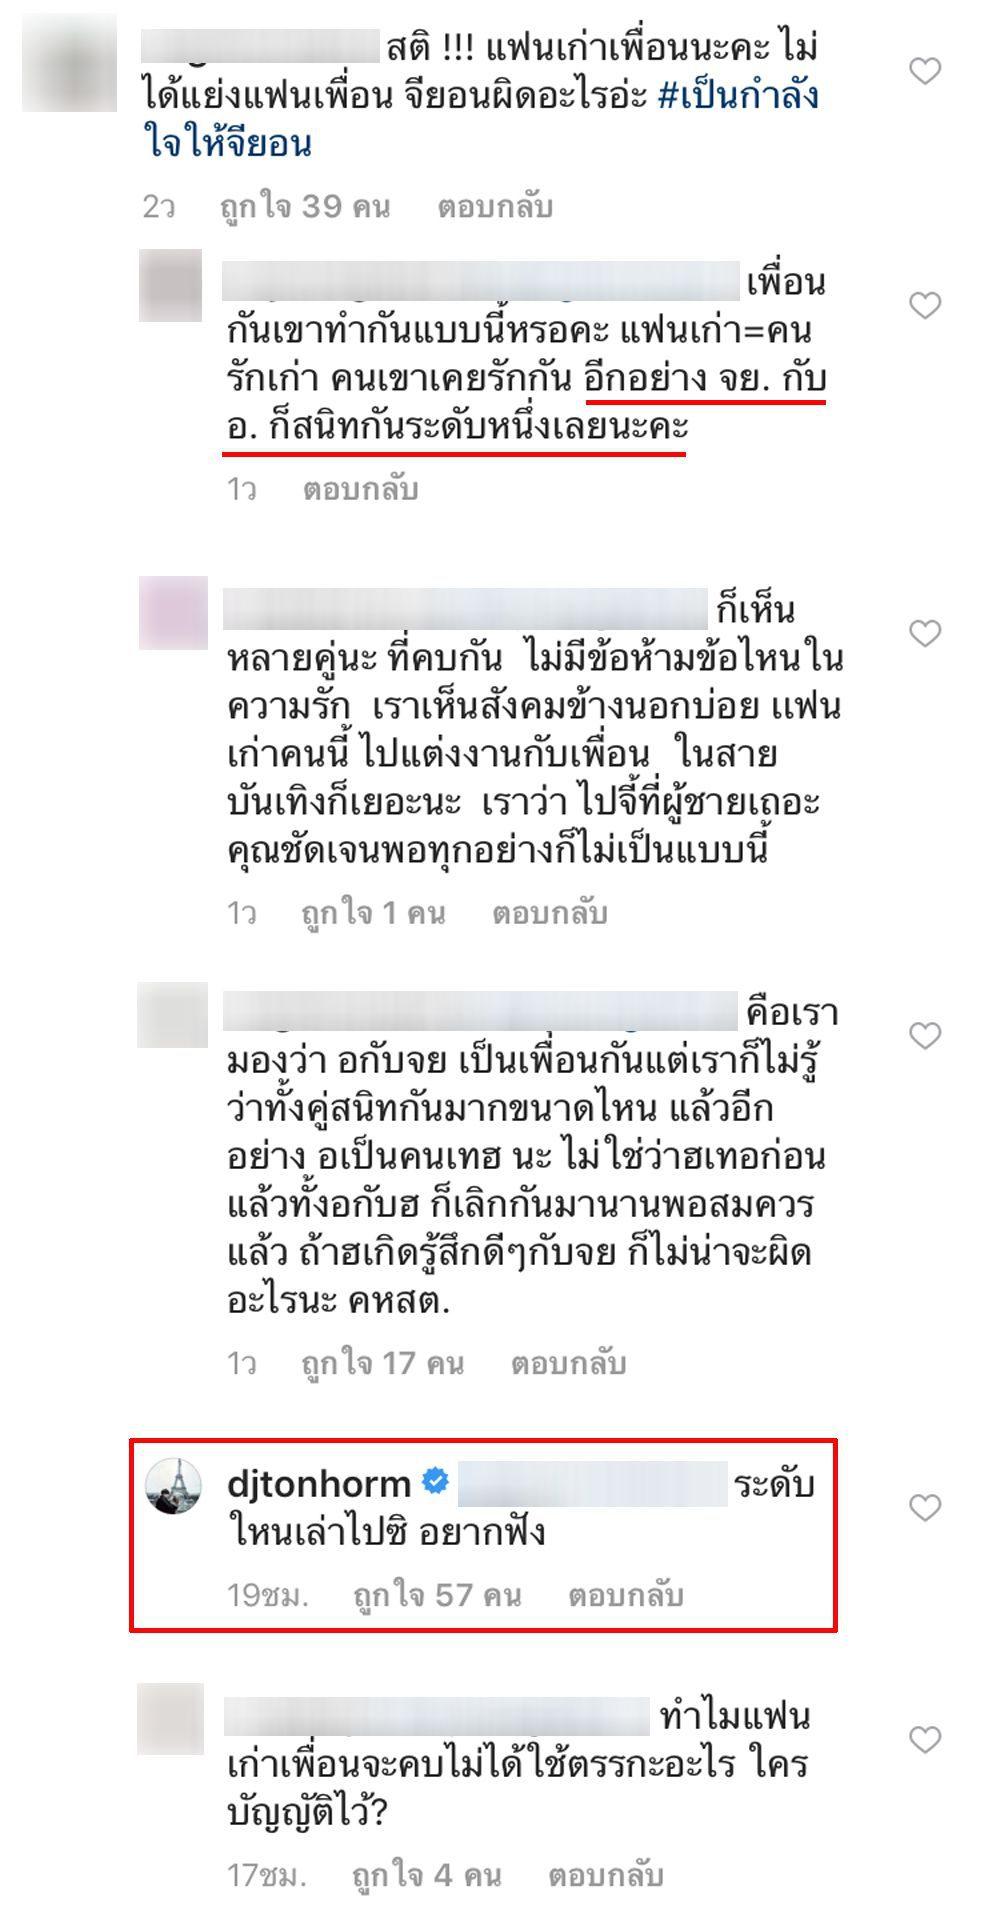 ต้นหอม ตอบกลับดราม่าแทน จียอน